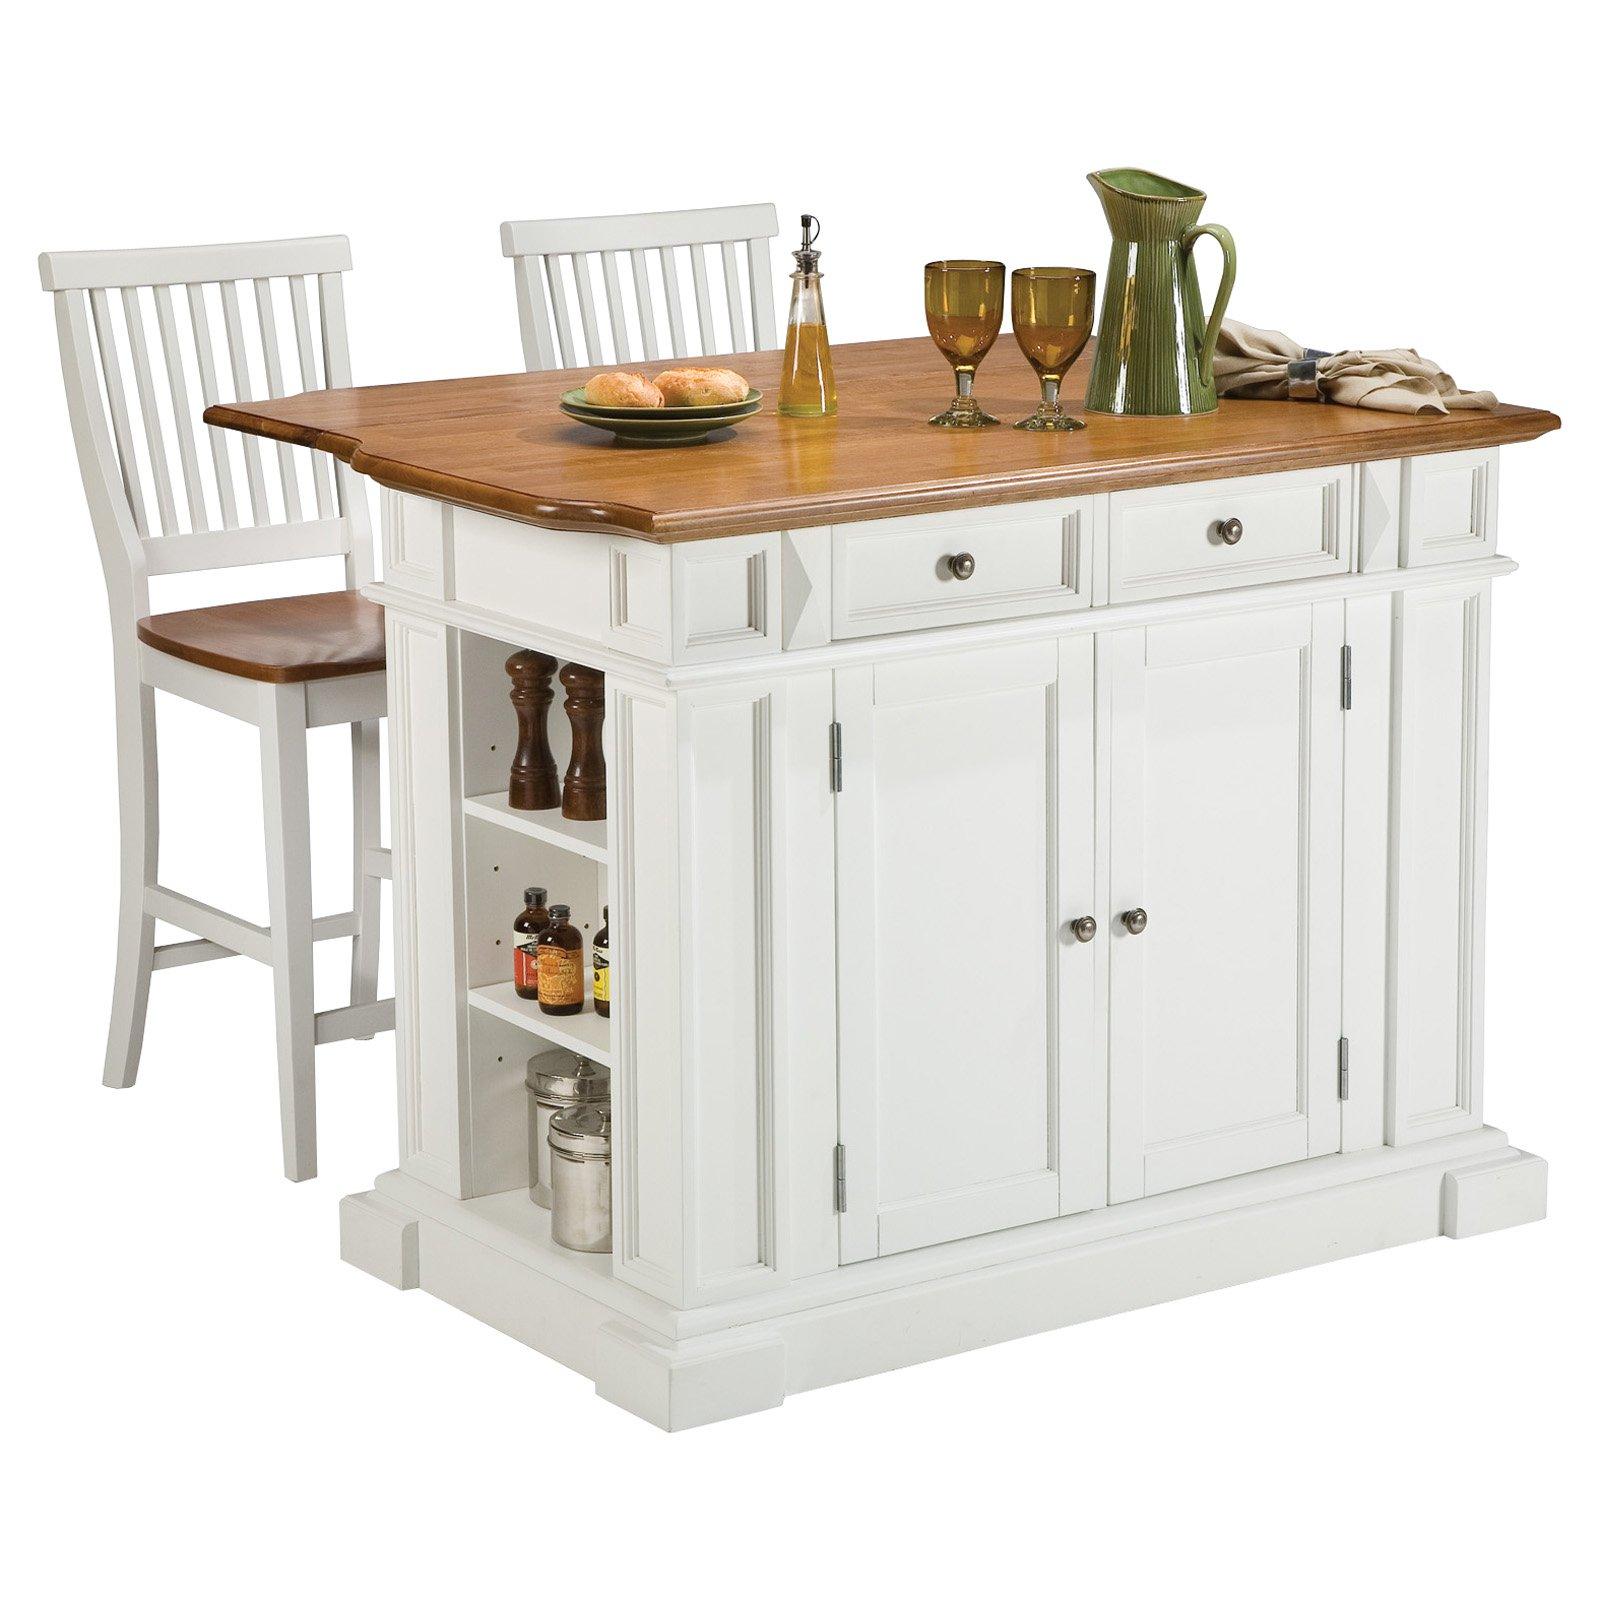 small white kitchen island photo - 1